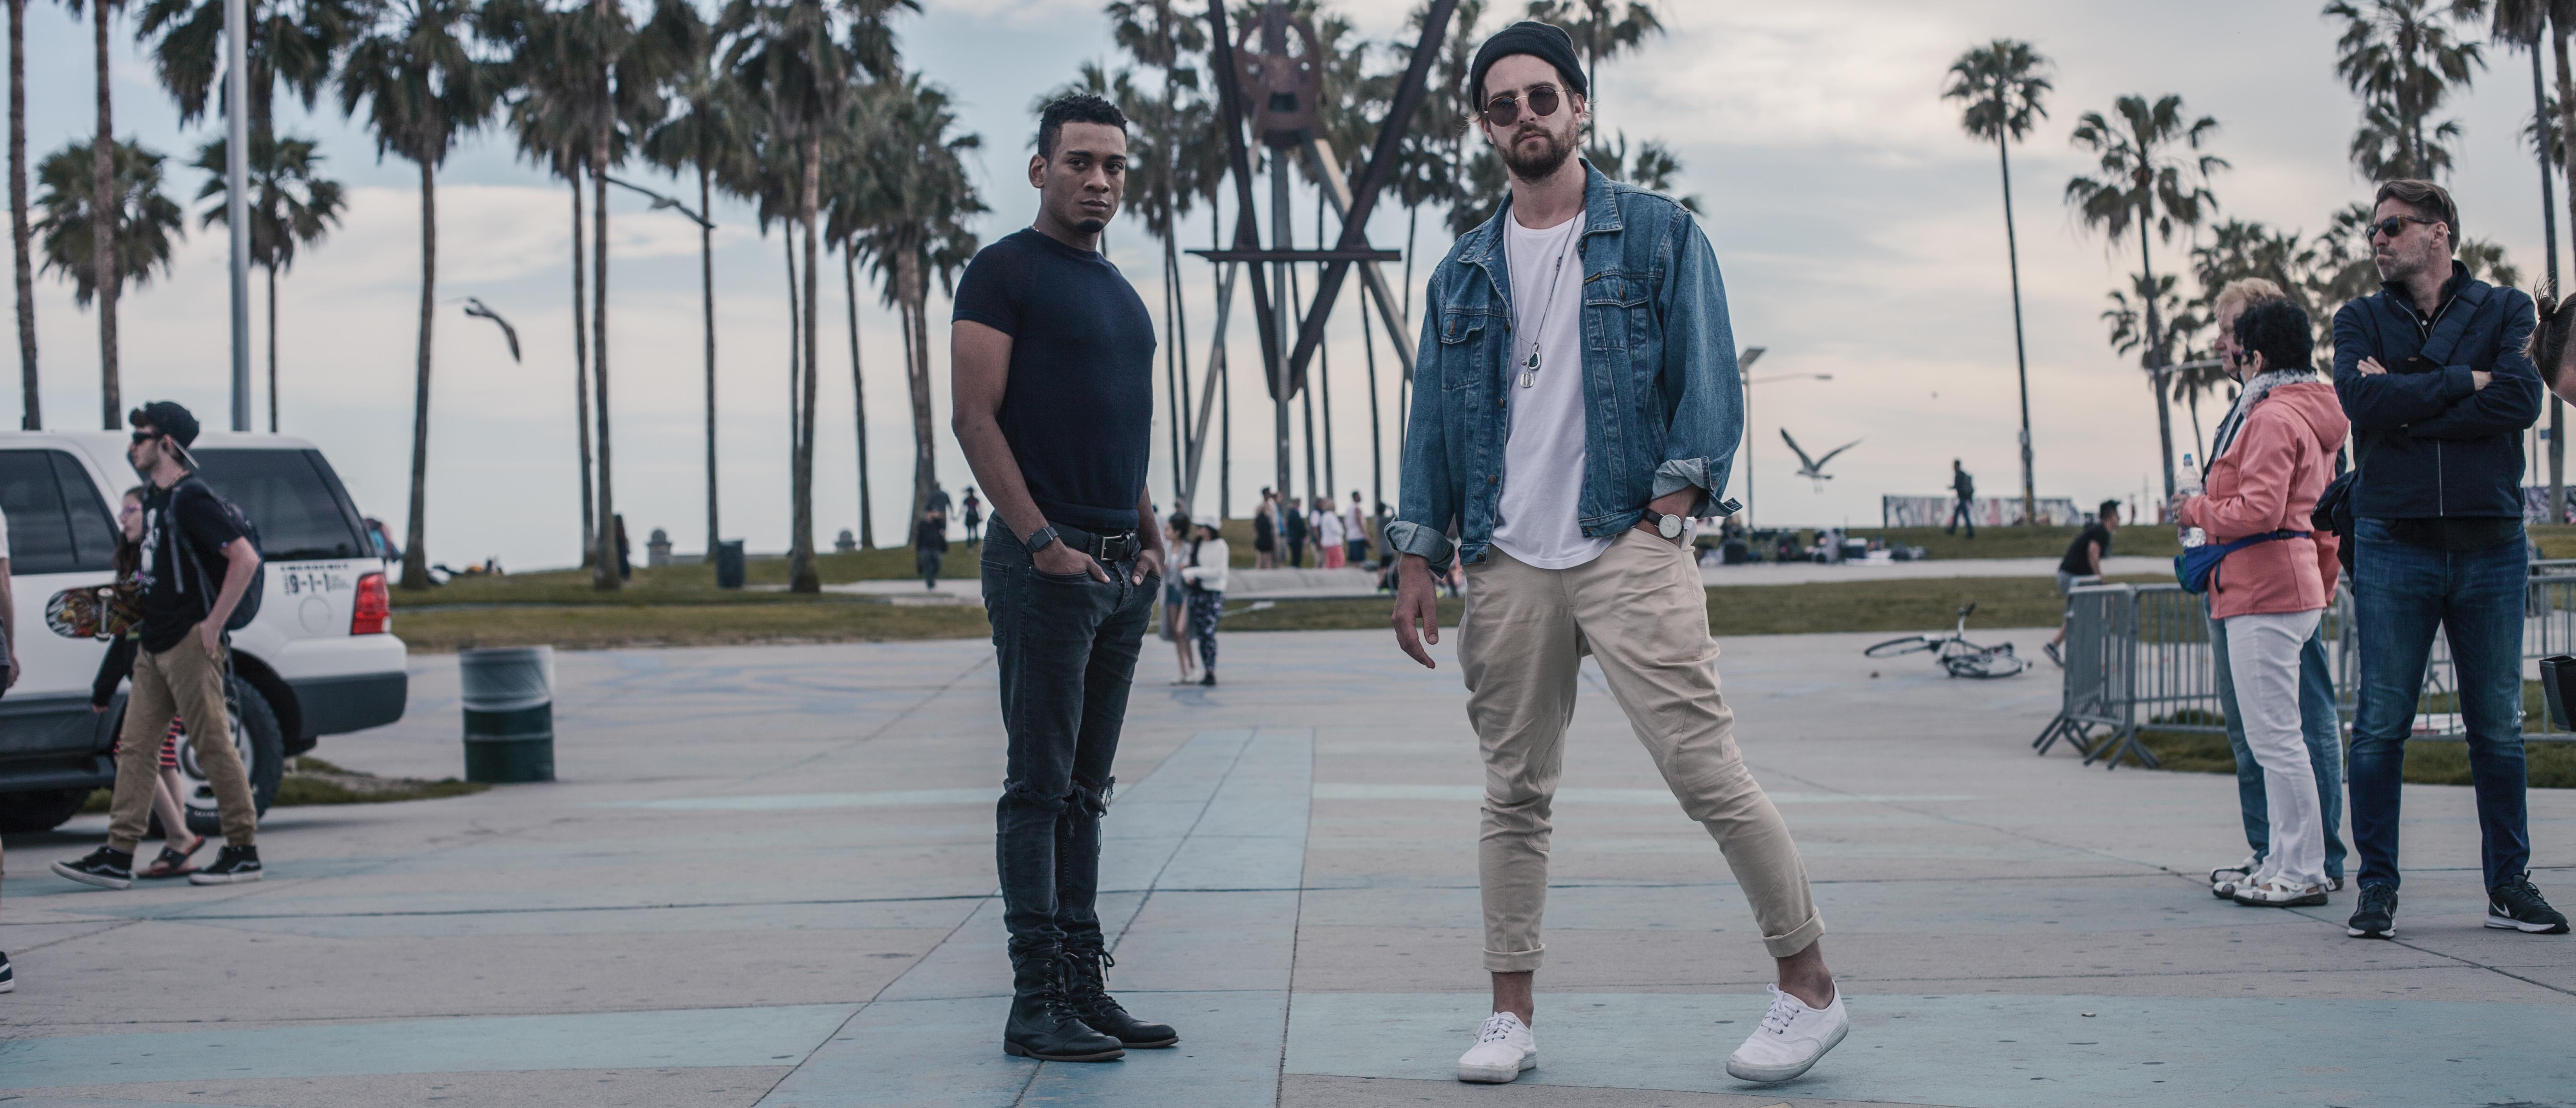 Josh and Dominic in Venice